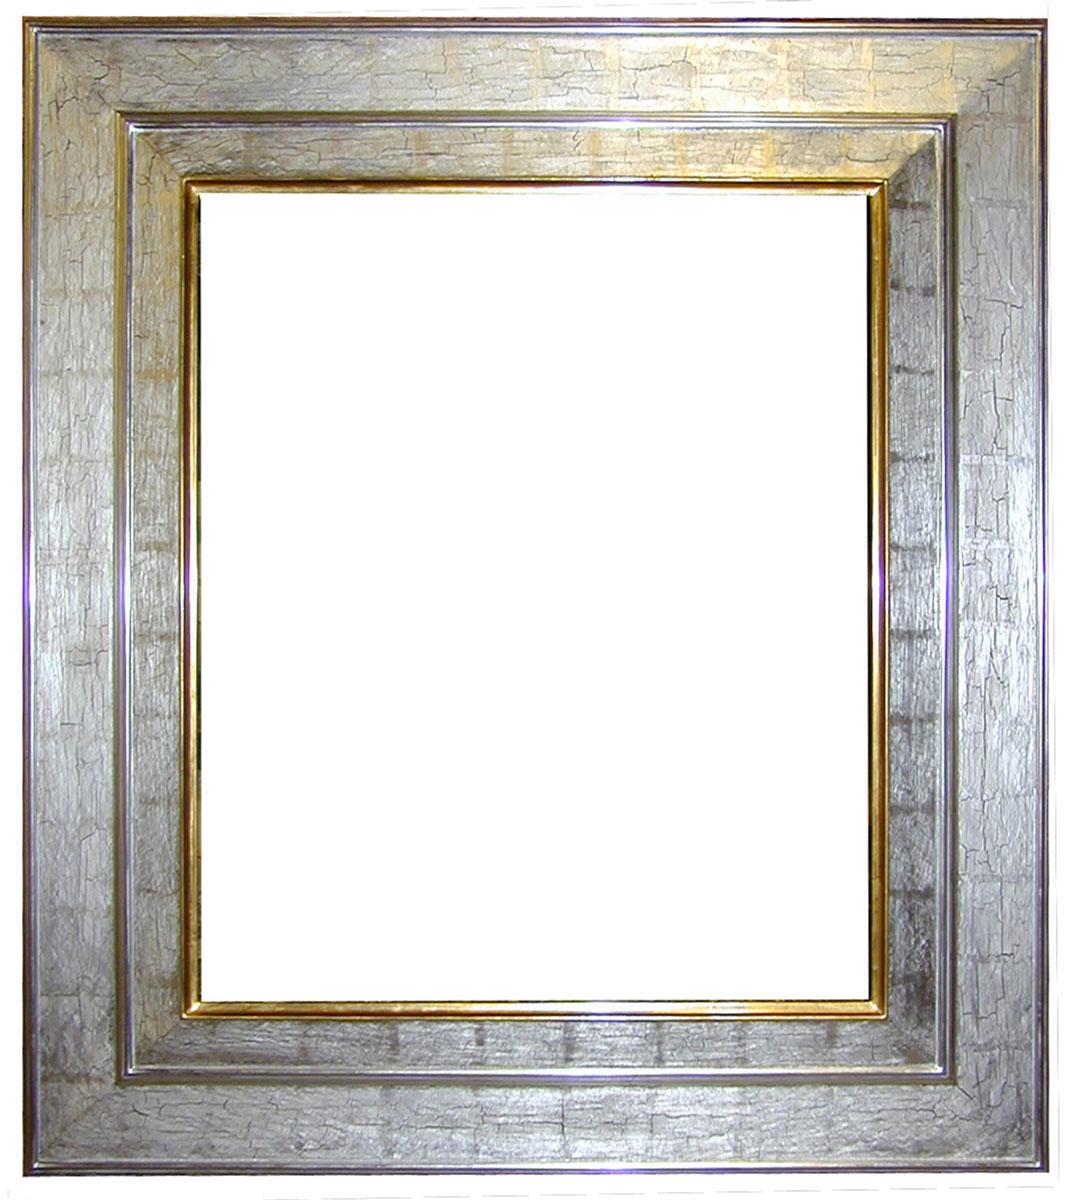 John Davies Framing